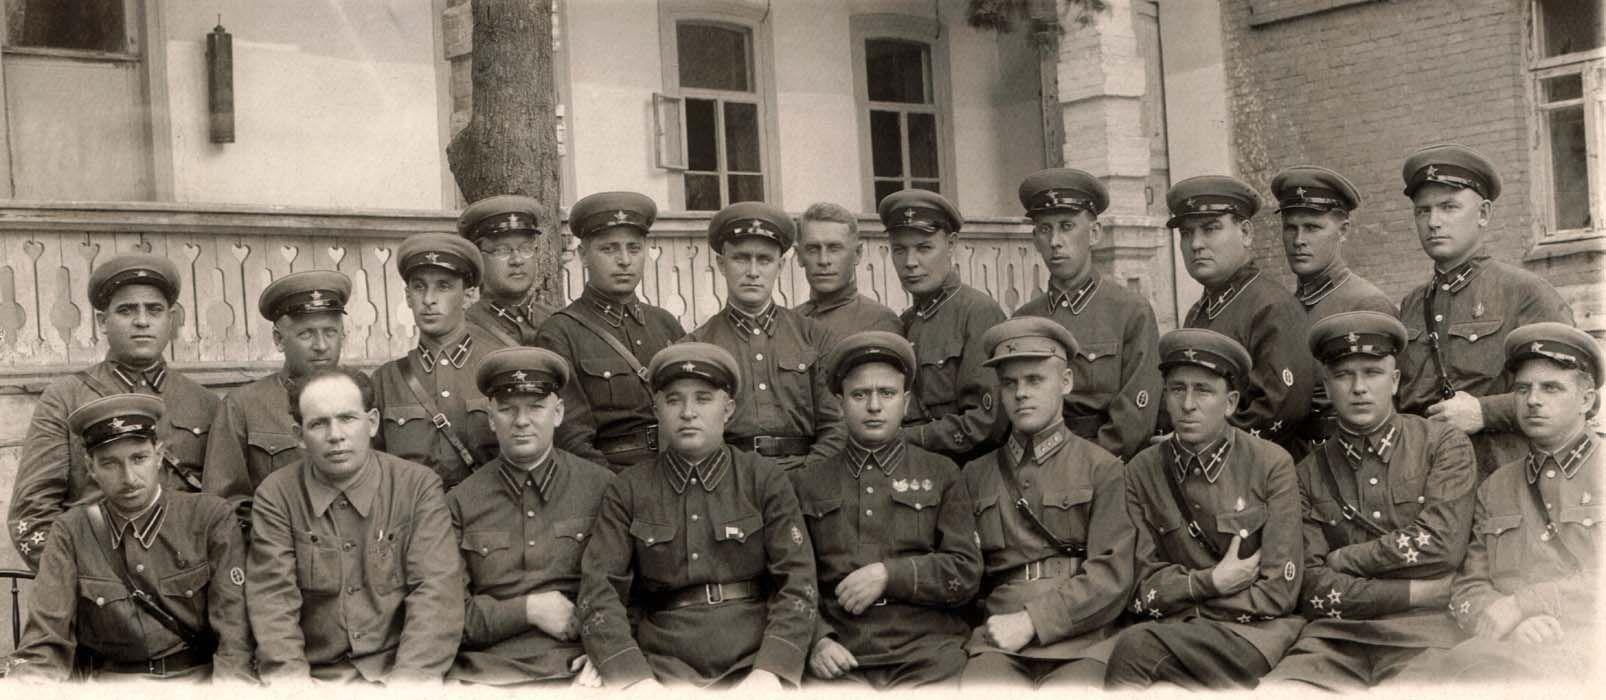 ¿Qué servicio de seguridad creó Stalin para perseguir a los disidentes?